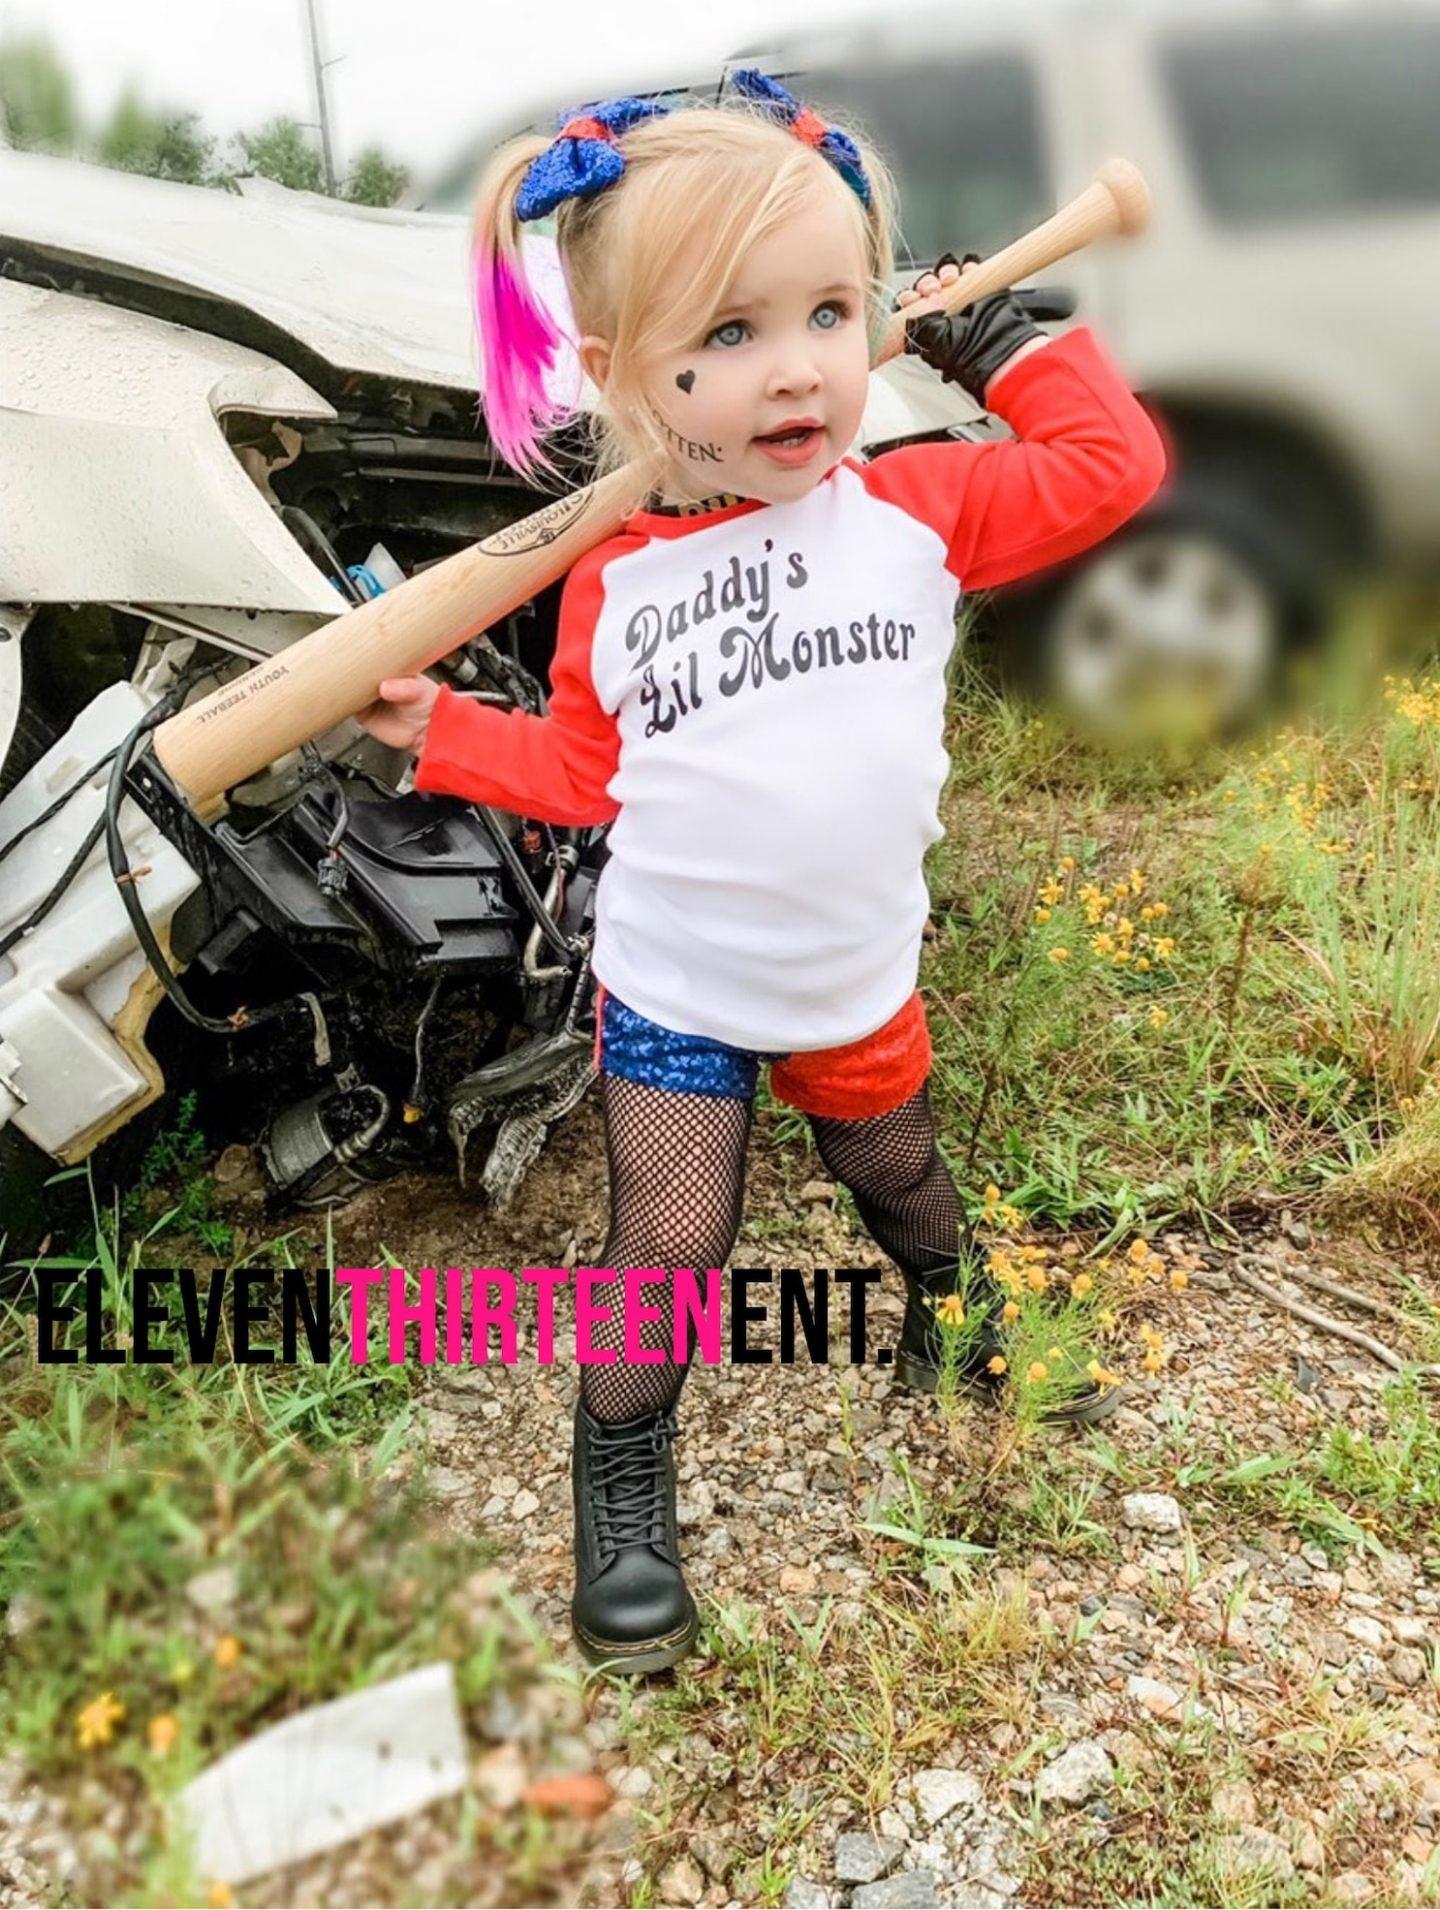 Harley Quinn toddler costume for Halloween